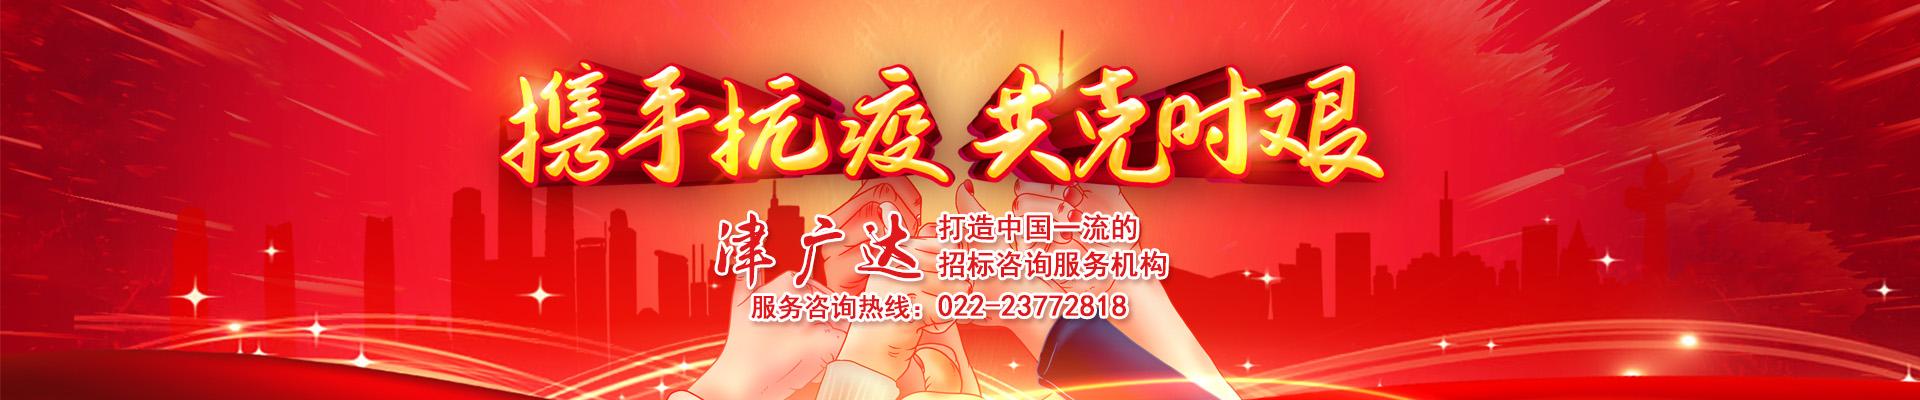 天津招标公司